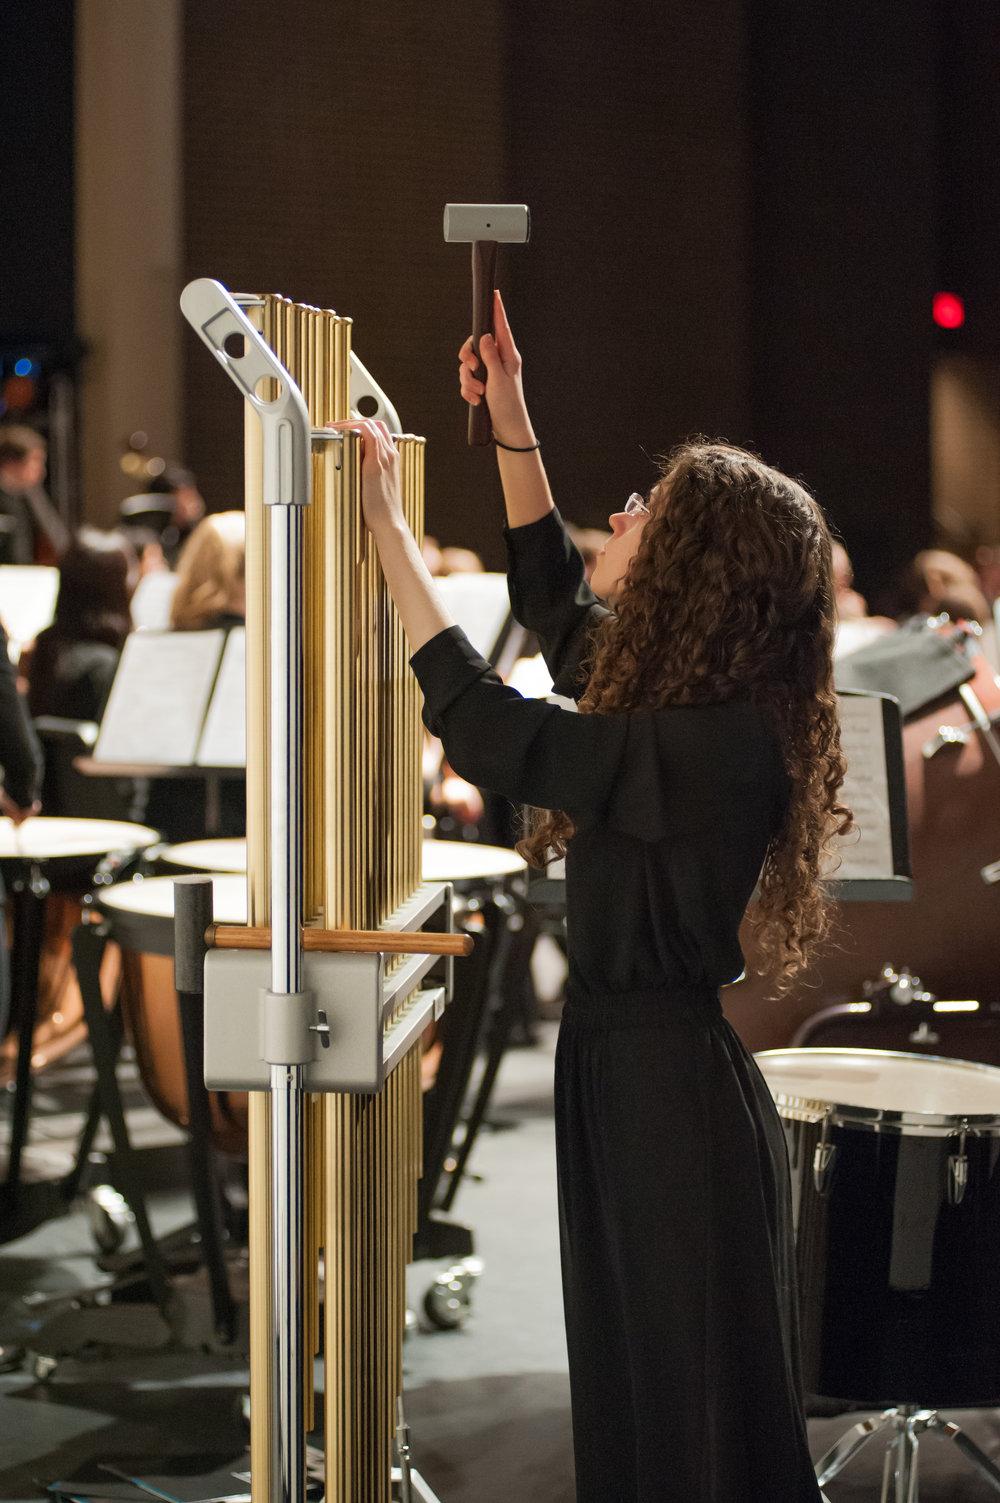 Symphony Orchestra 2015 - Allison Pennybaker